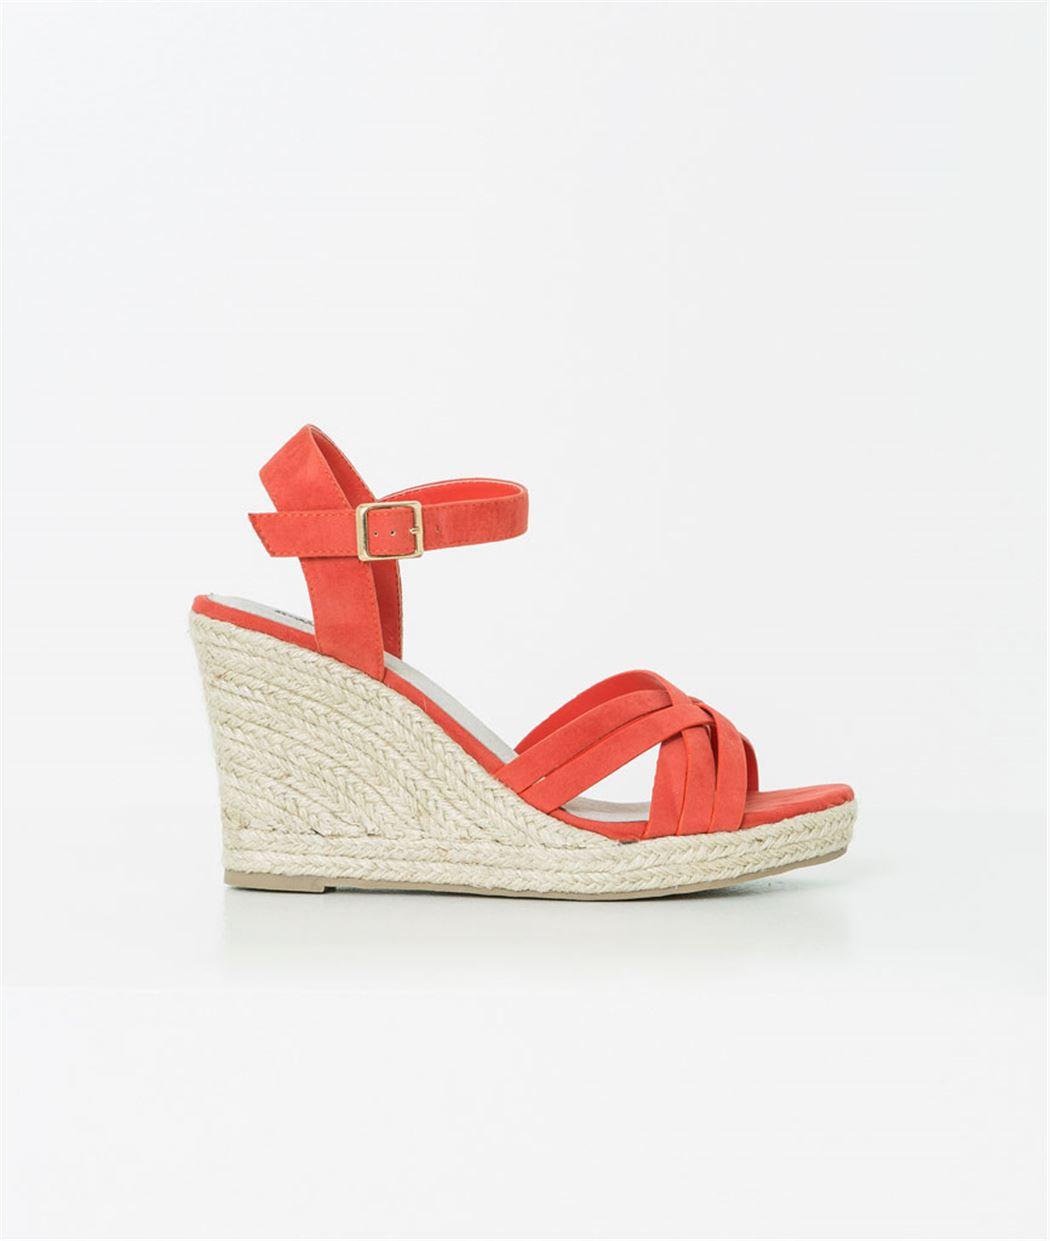 Sandales femme espadrilles compensées CORAIL